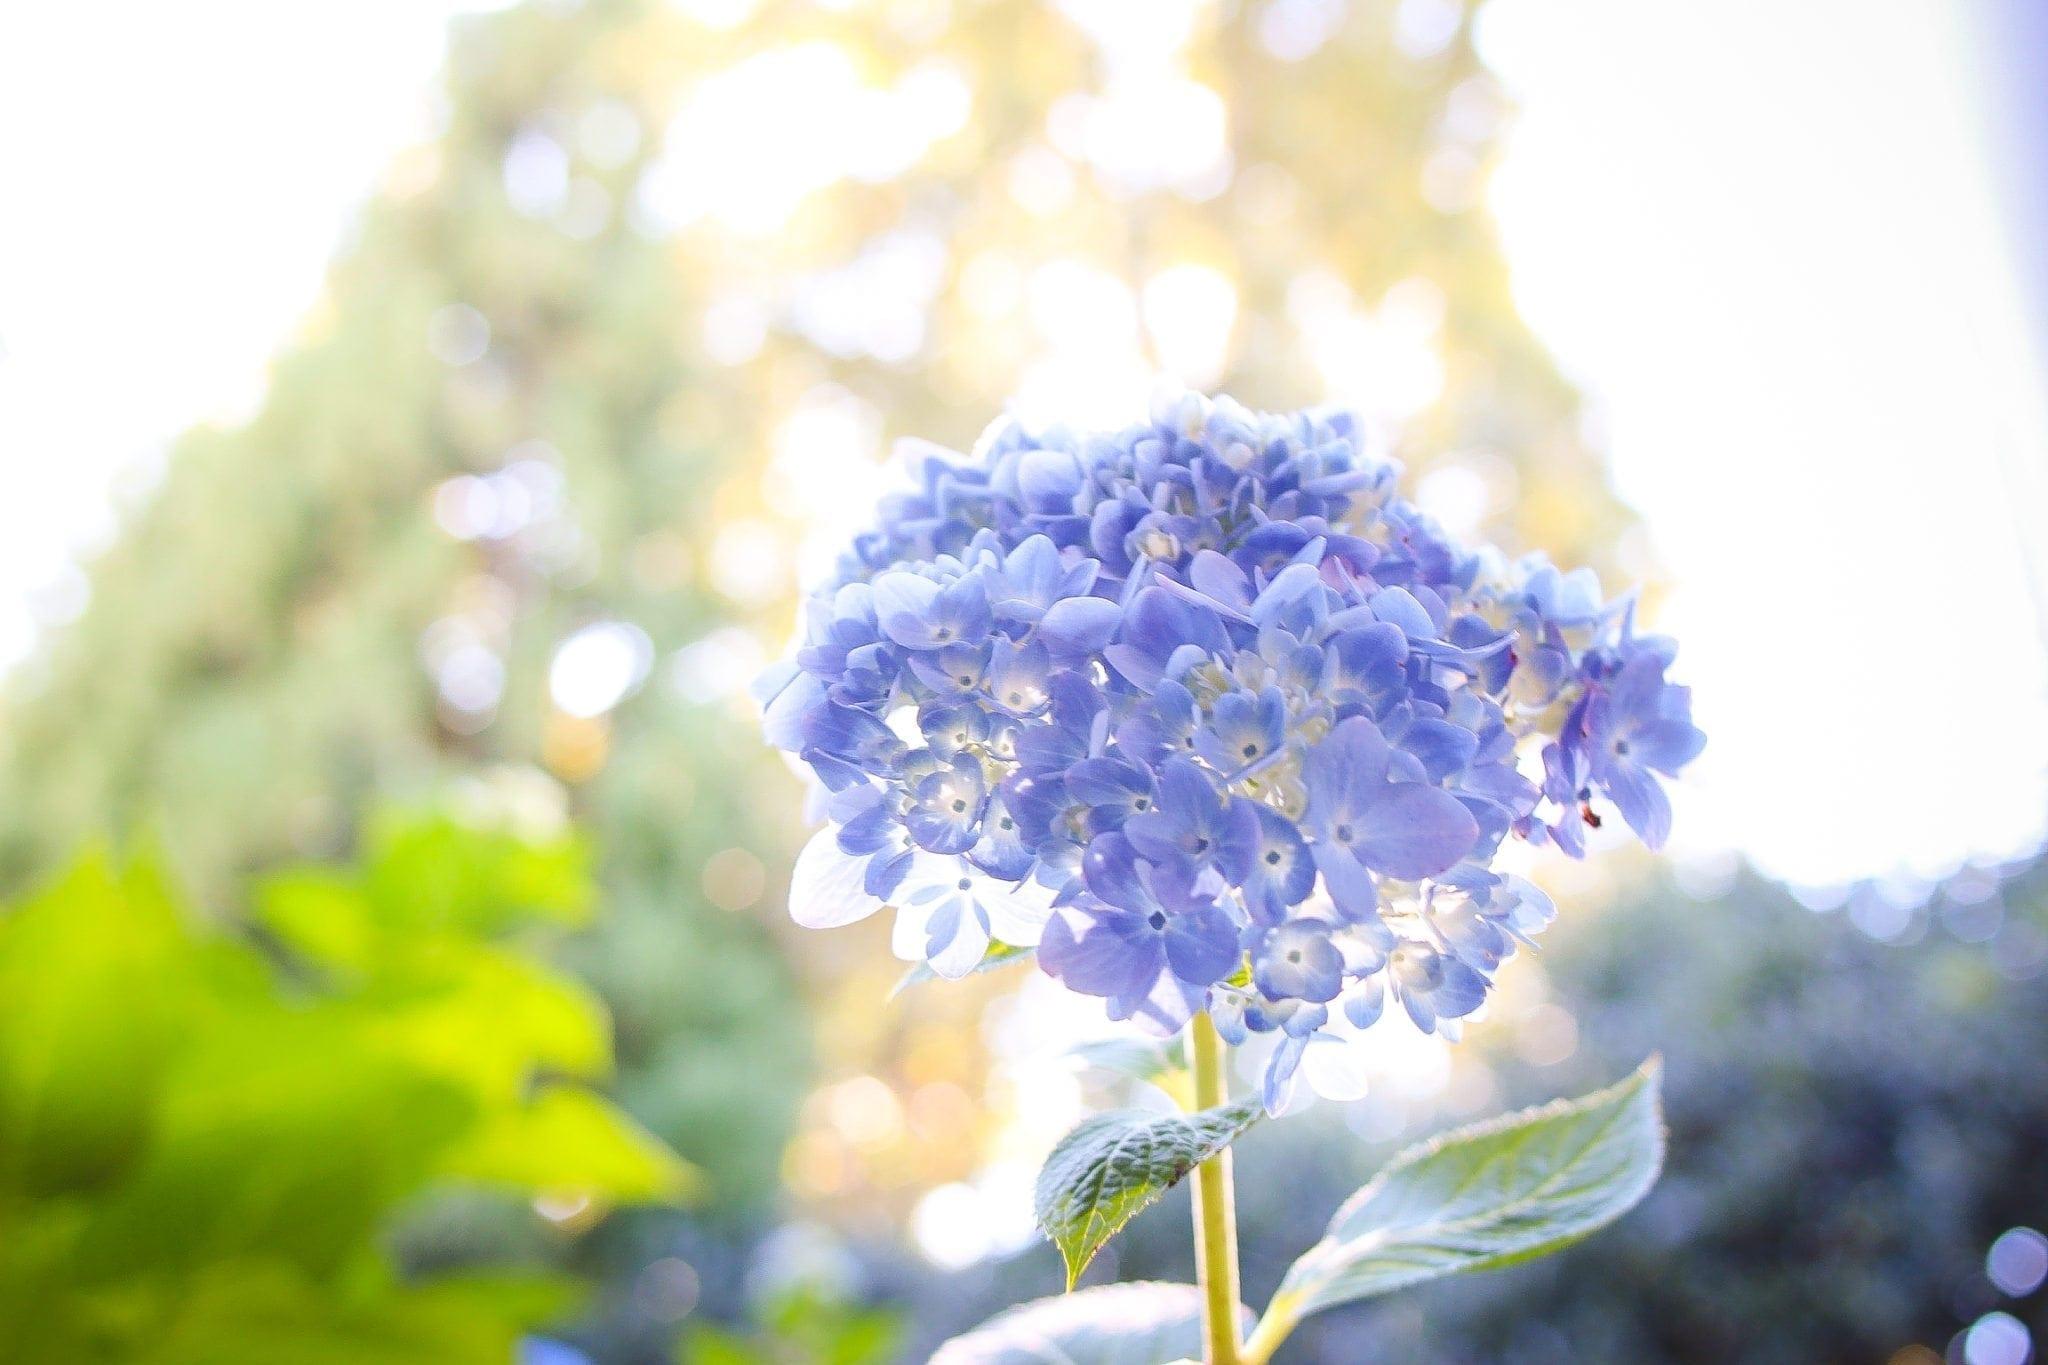 Endless Summer blue hydrangea blooms.